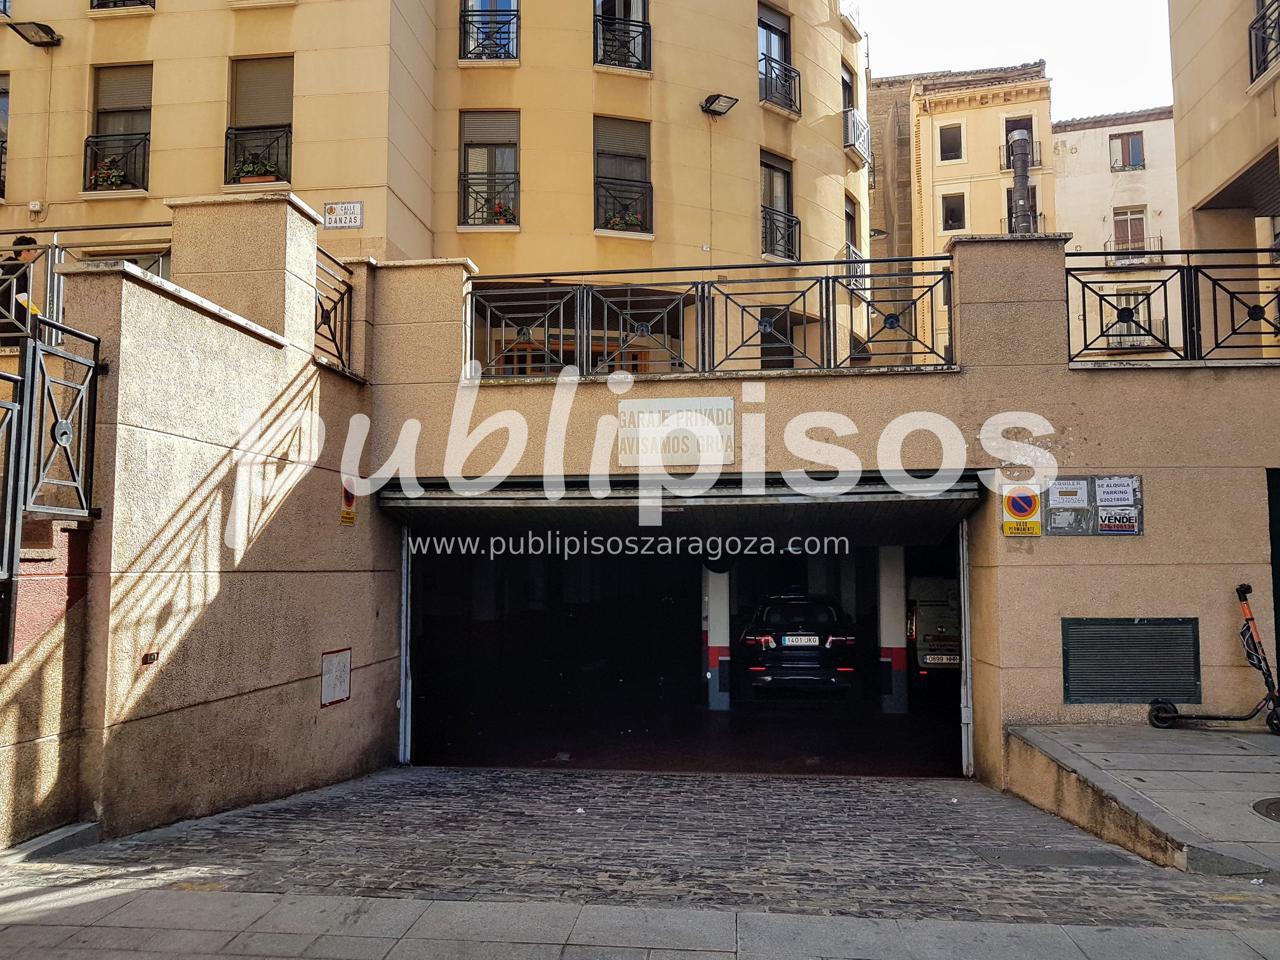 Piso alquiler con garaje y vistas centro Zaragoza-24